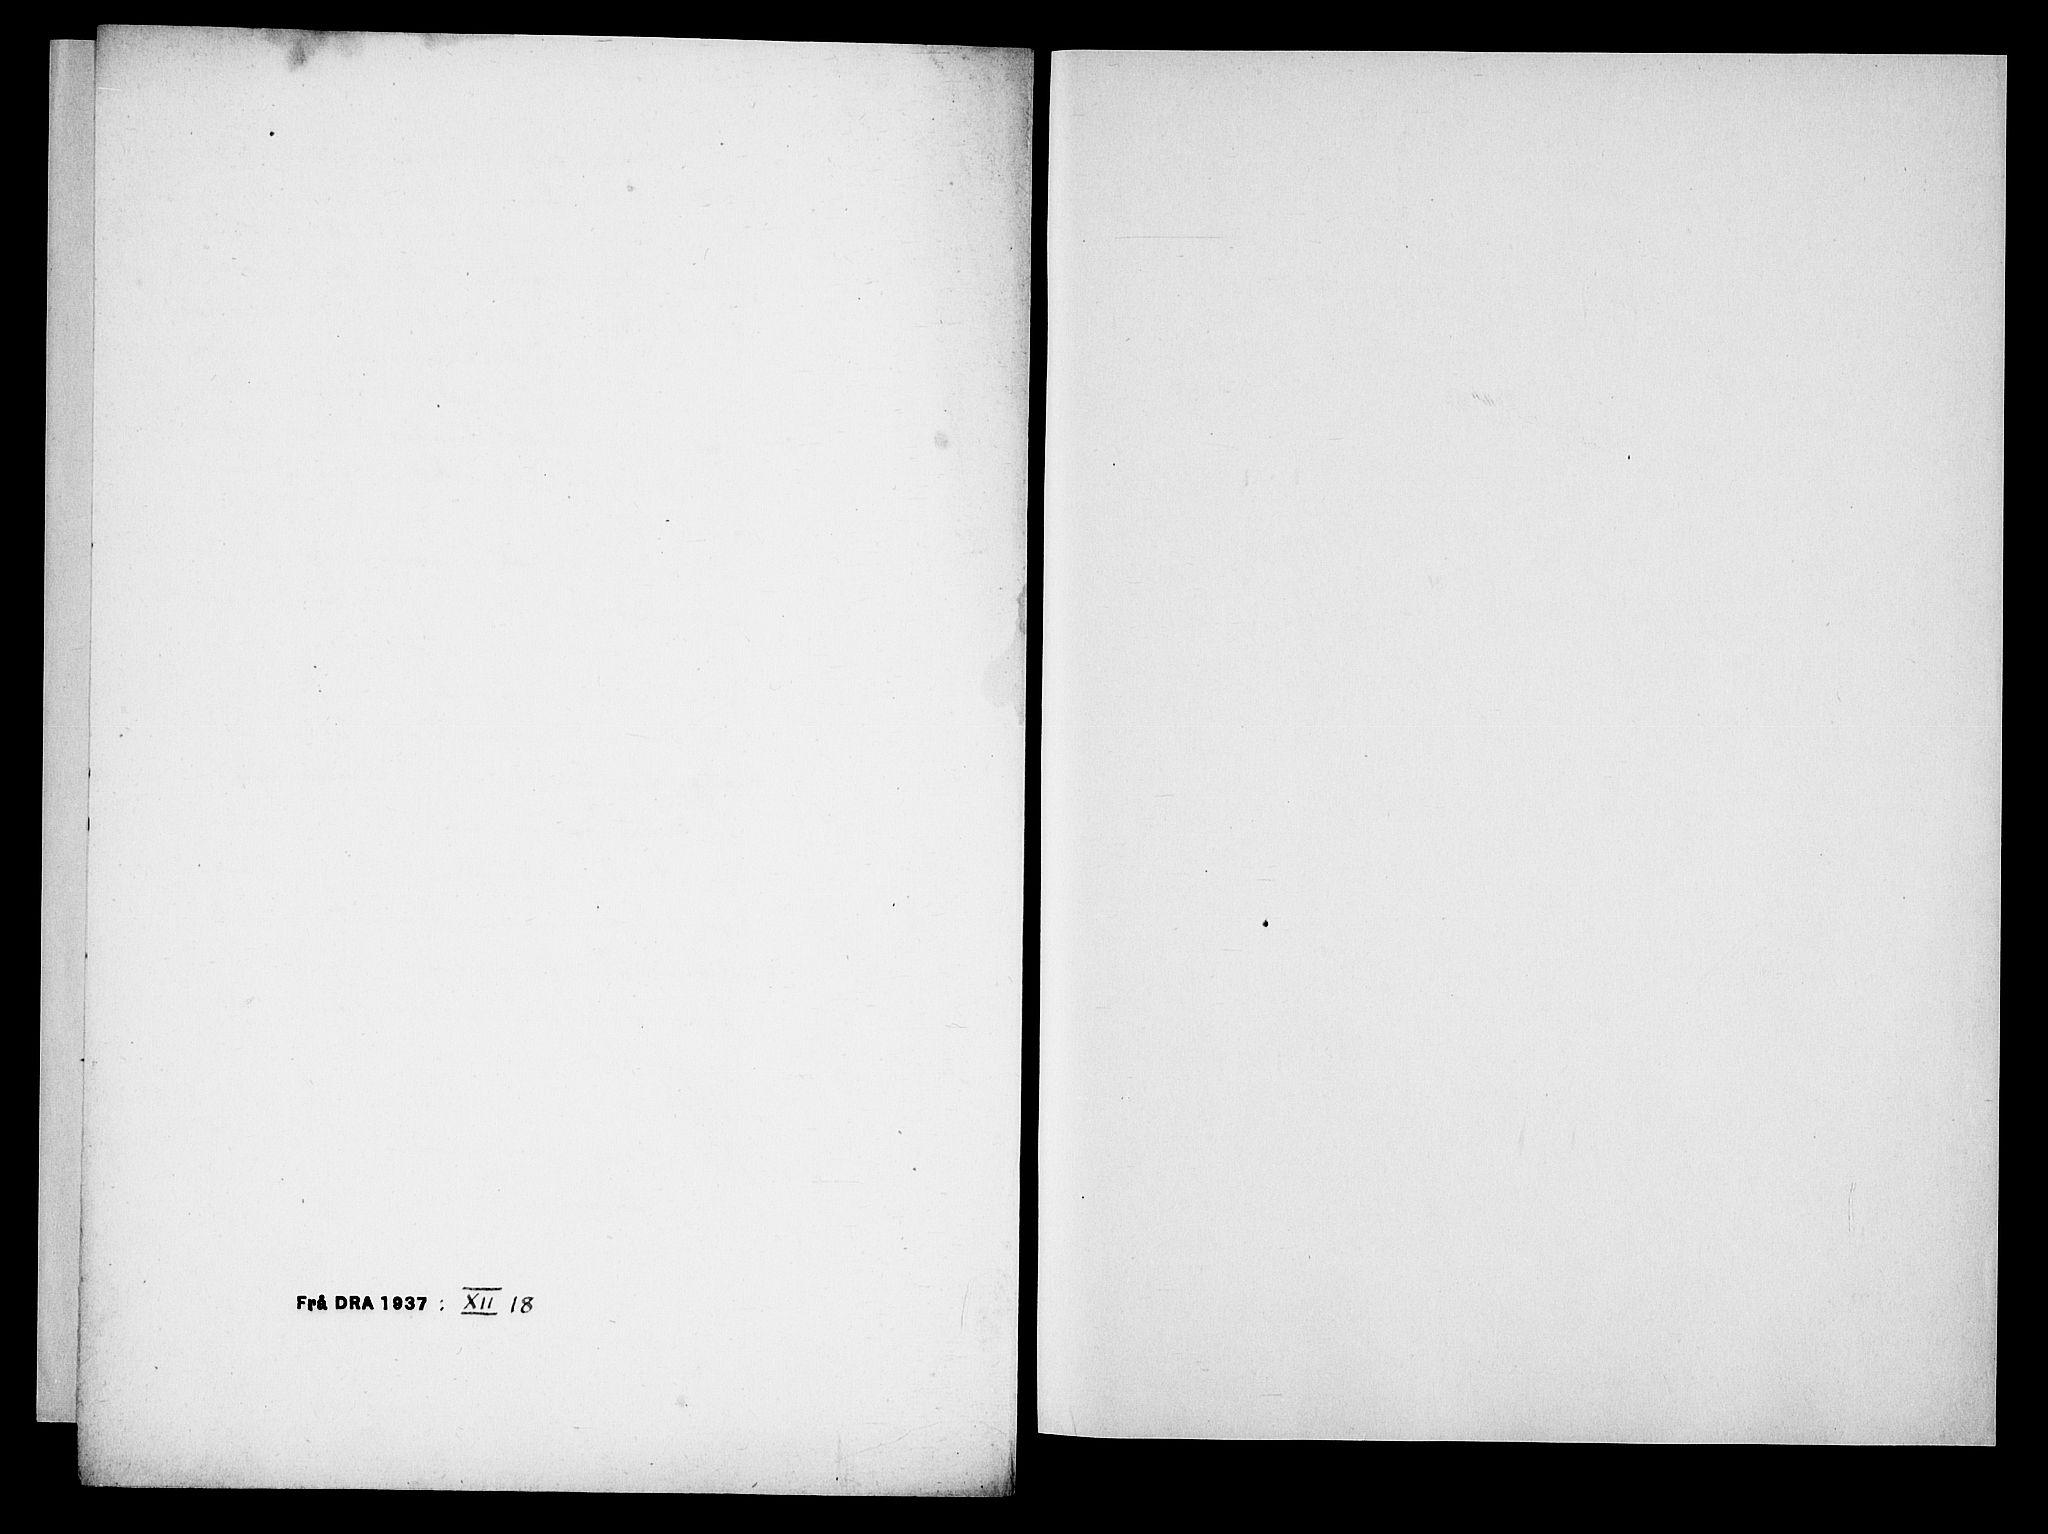 RA, Danske Kanselli, Skapsaker, G/L0019: Tillegg til skapsakene, 1616-1753, s. 153